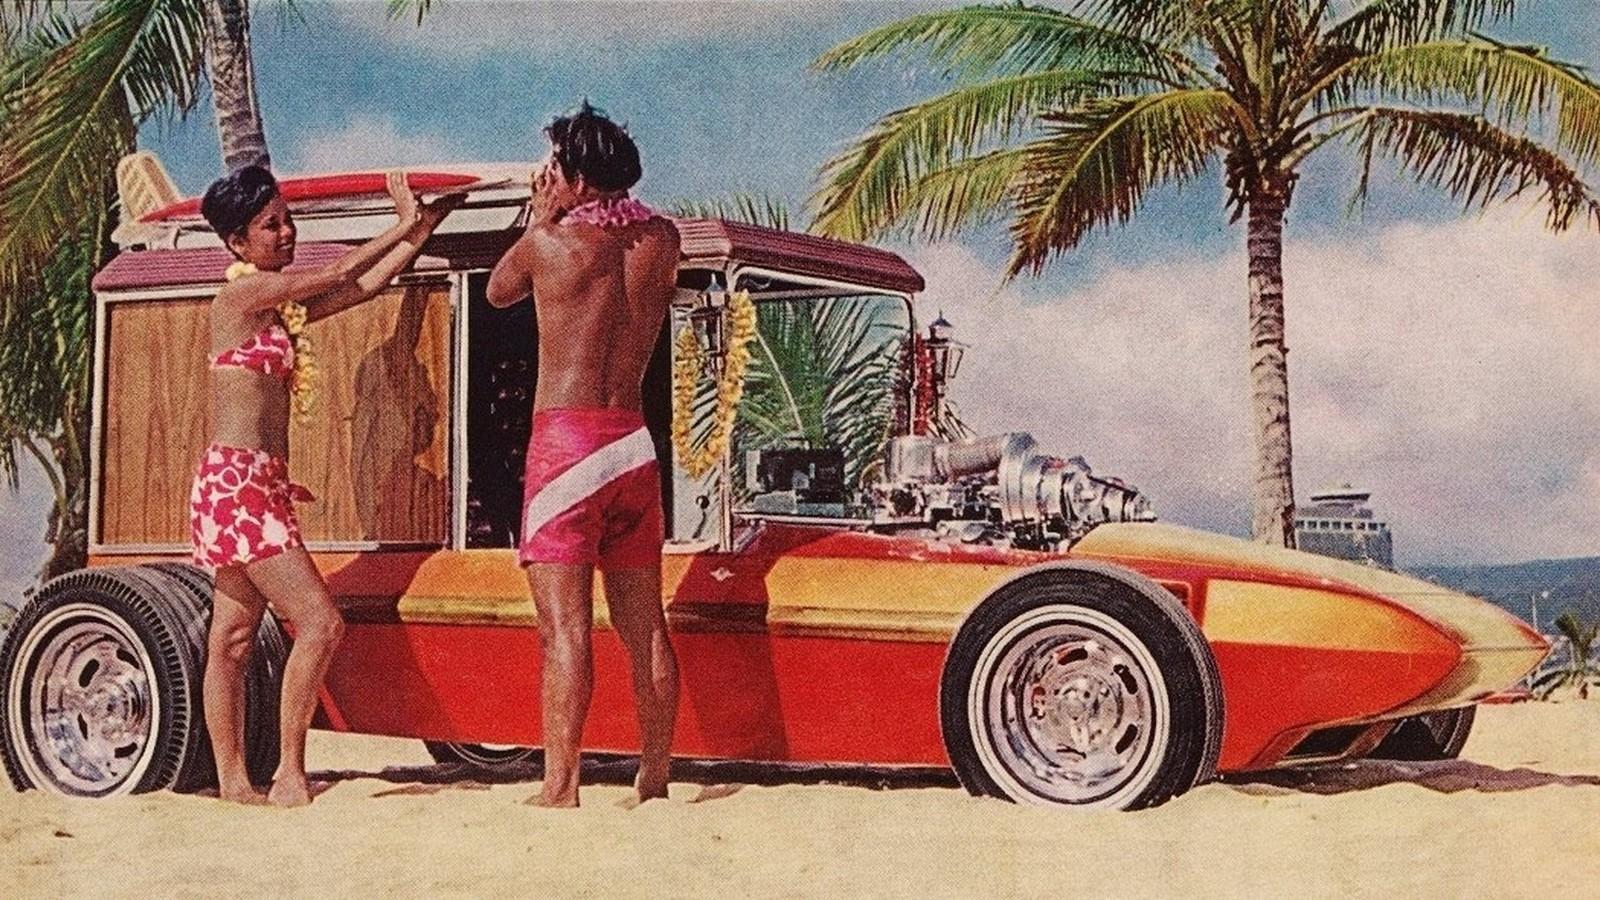 В качестве декора этого багги Джордж использовал старинные «тюдоровские» фонари – так и вижу разомлевших британских аристократов, выбравшихся на прогулку за рулем Surf Woody…